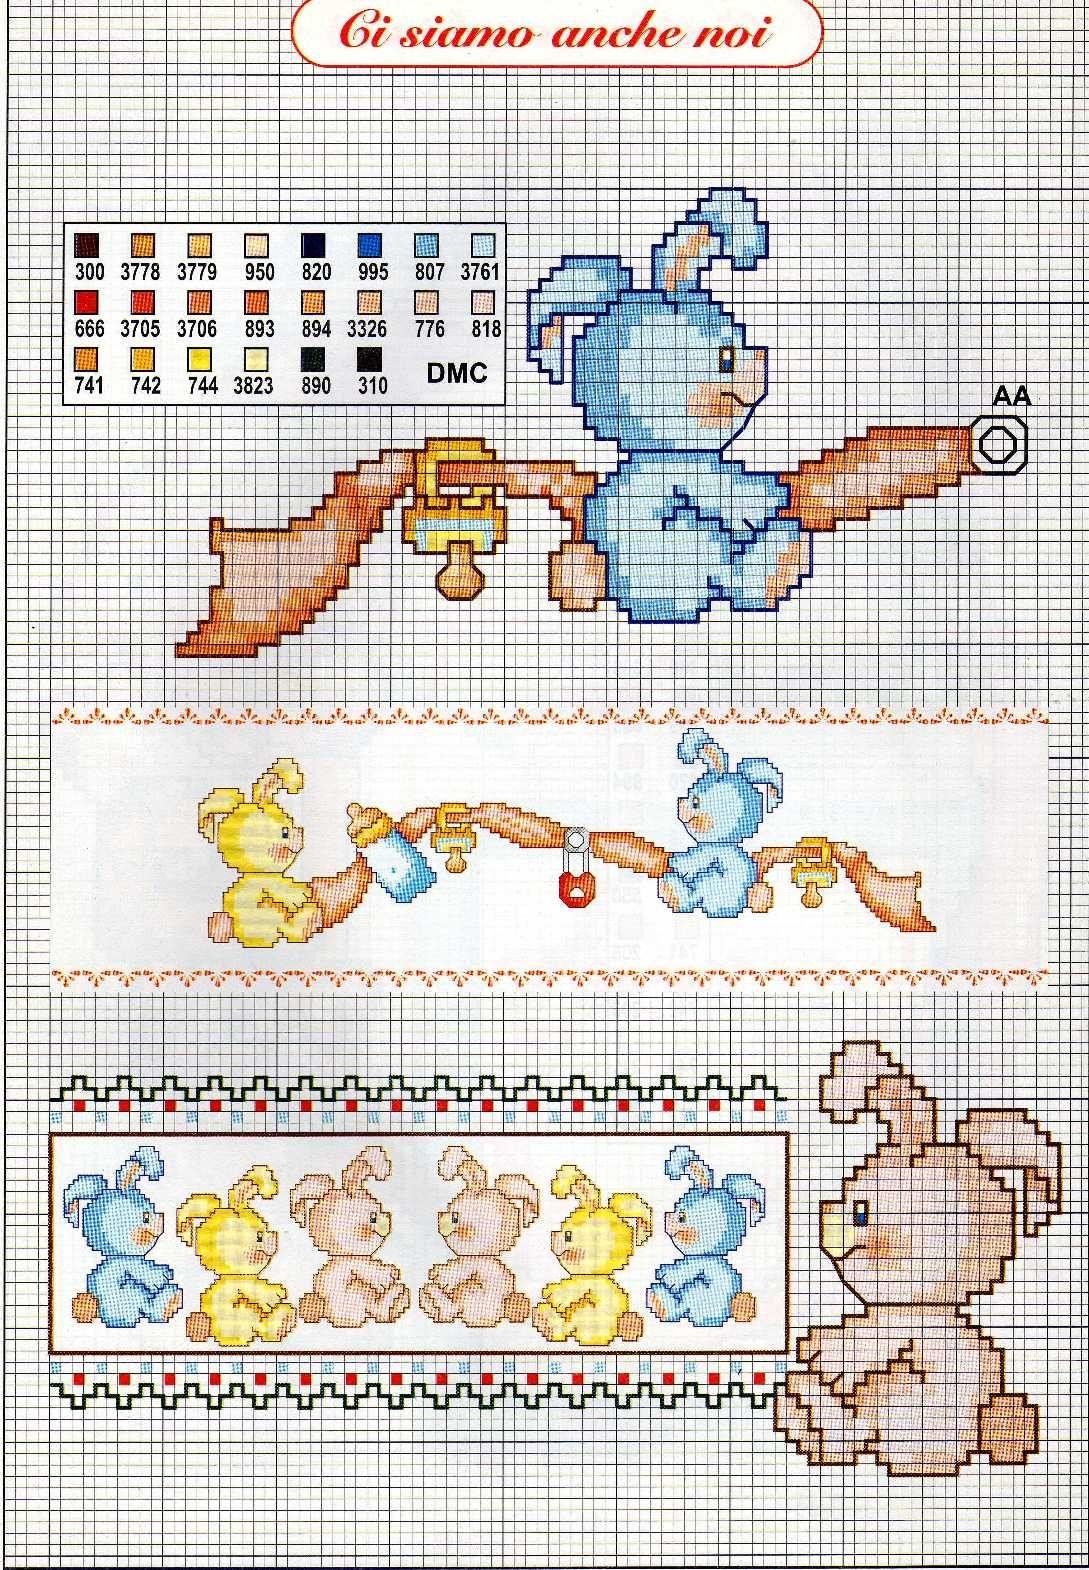 Bambini coniglietti ciuccio biberob1 for Schemi punto croce bambini disney